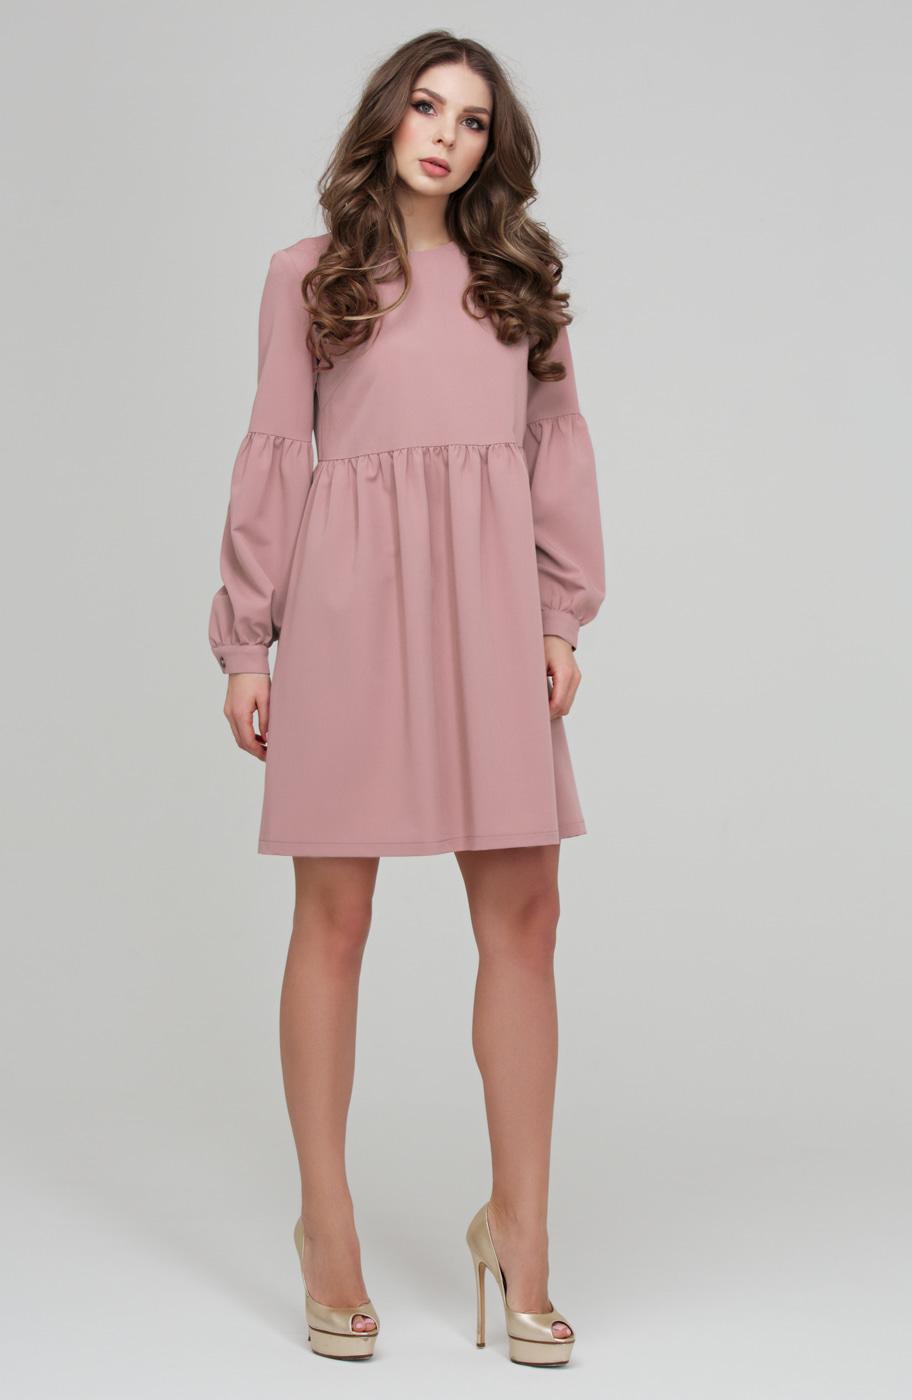 04eb3a215ad Коктейльное платье Donna-Saggia DSP-282-82 от производителя